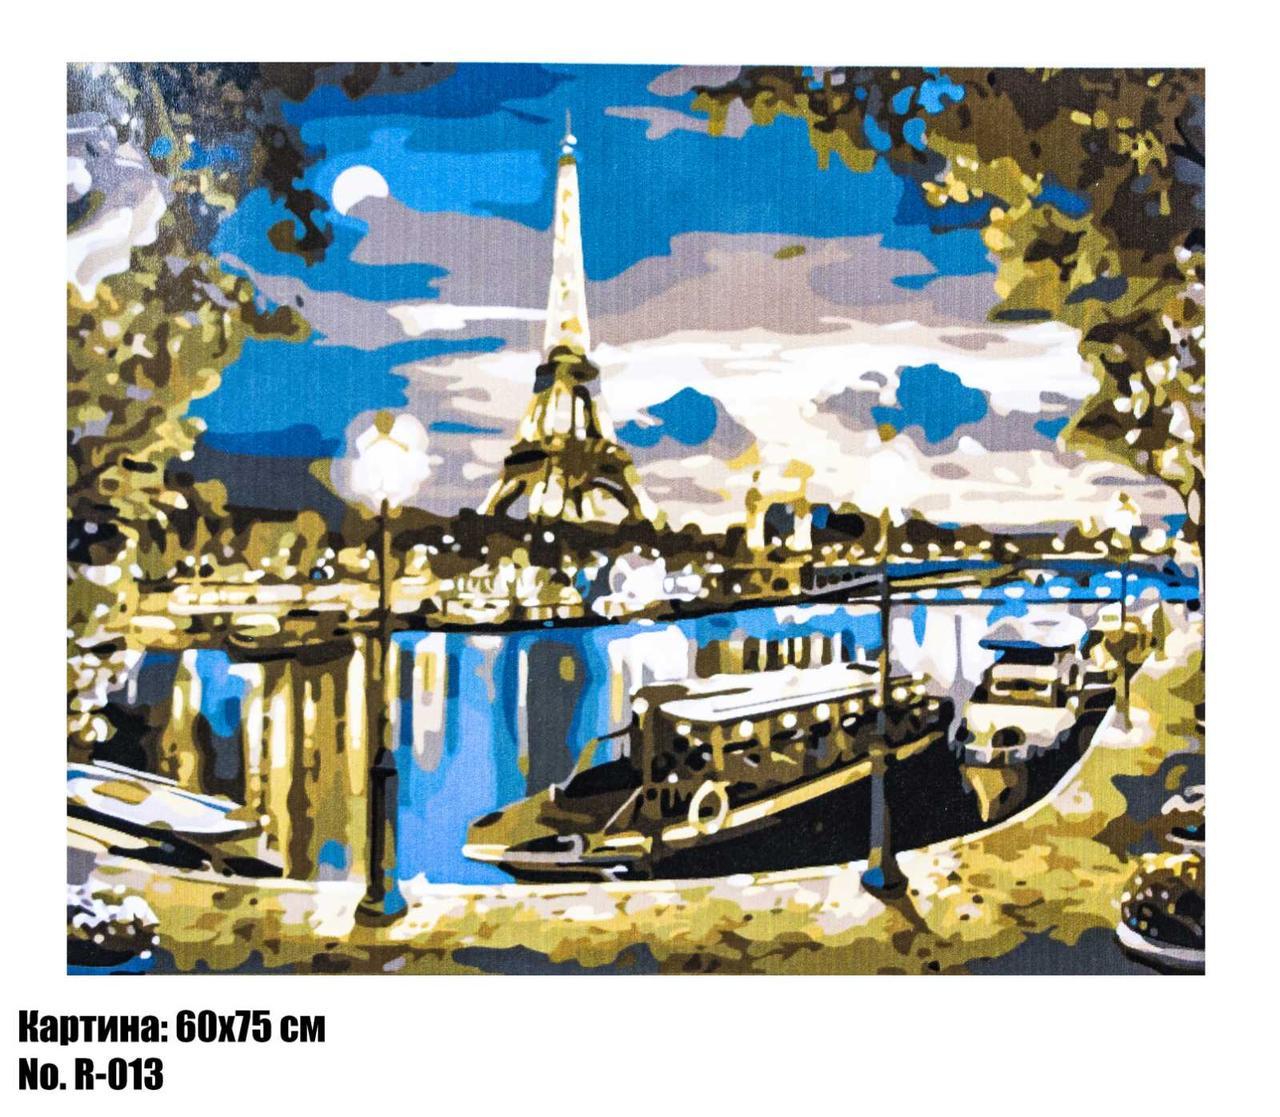 Картина по номерам R013 60 х 75 см